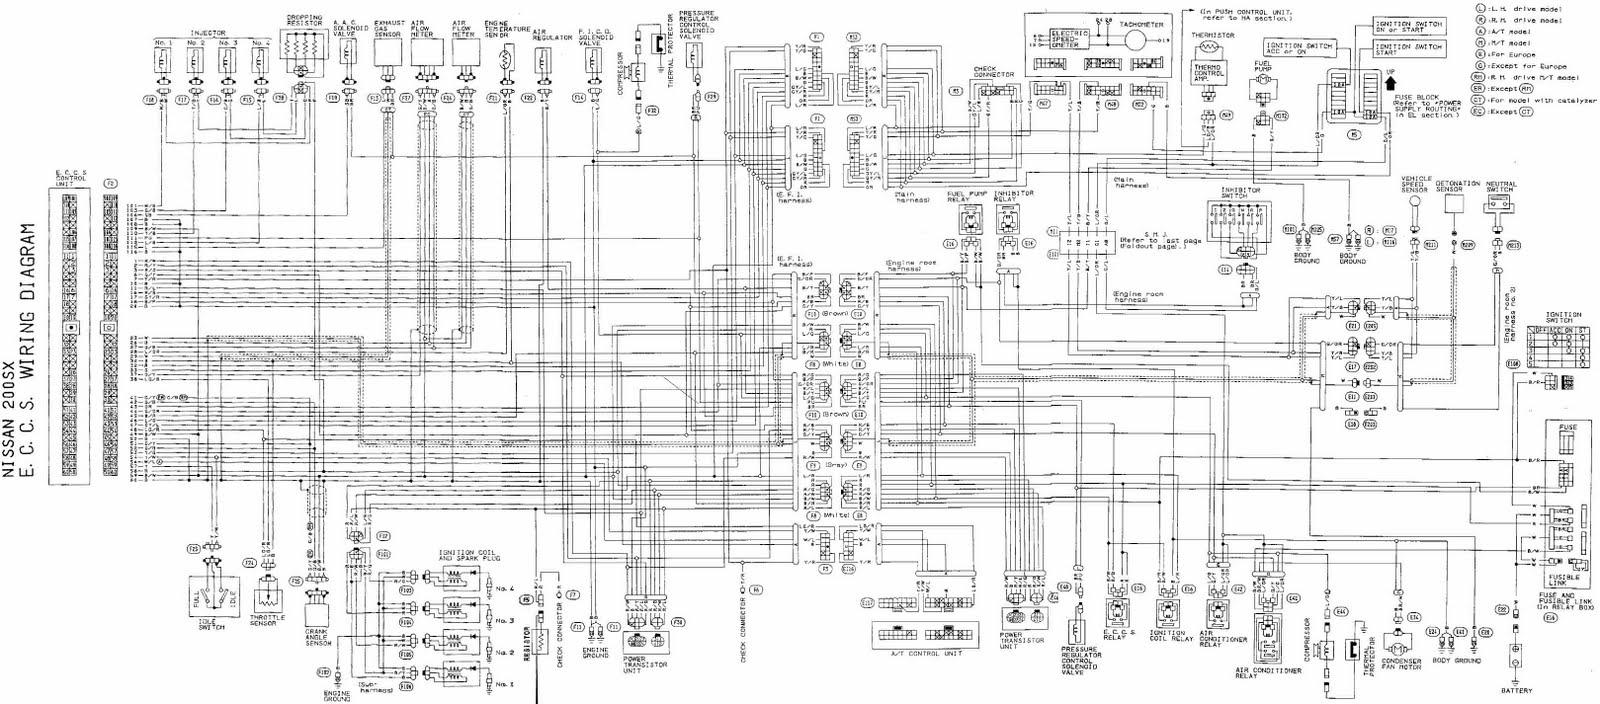 1991 nissan 240sx ignition wiring diagram eye muscles ciencia y tecnologÍa: diagramas de circuito control motor